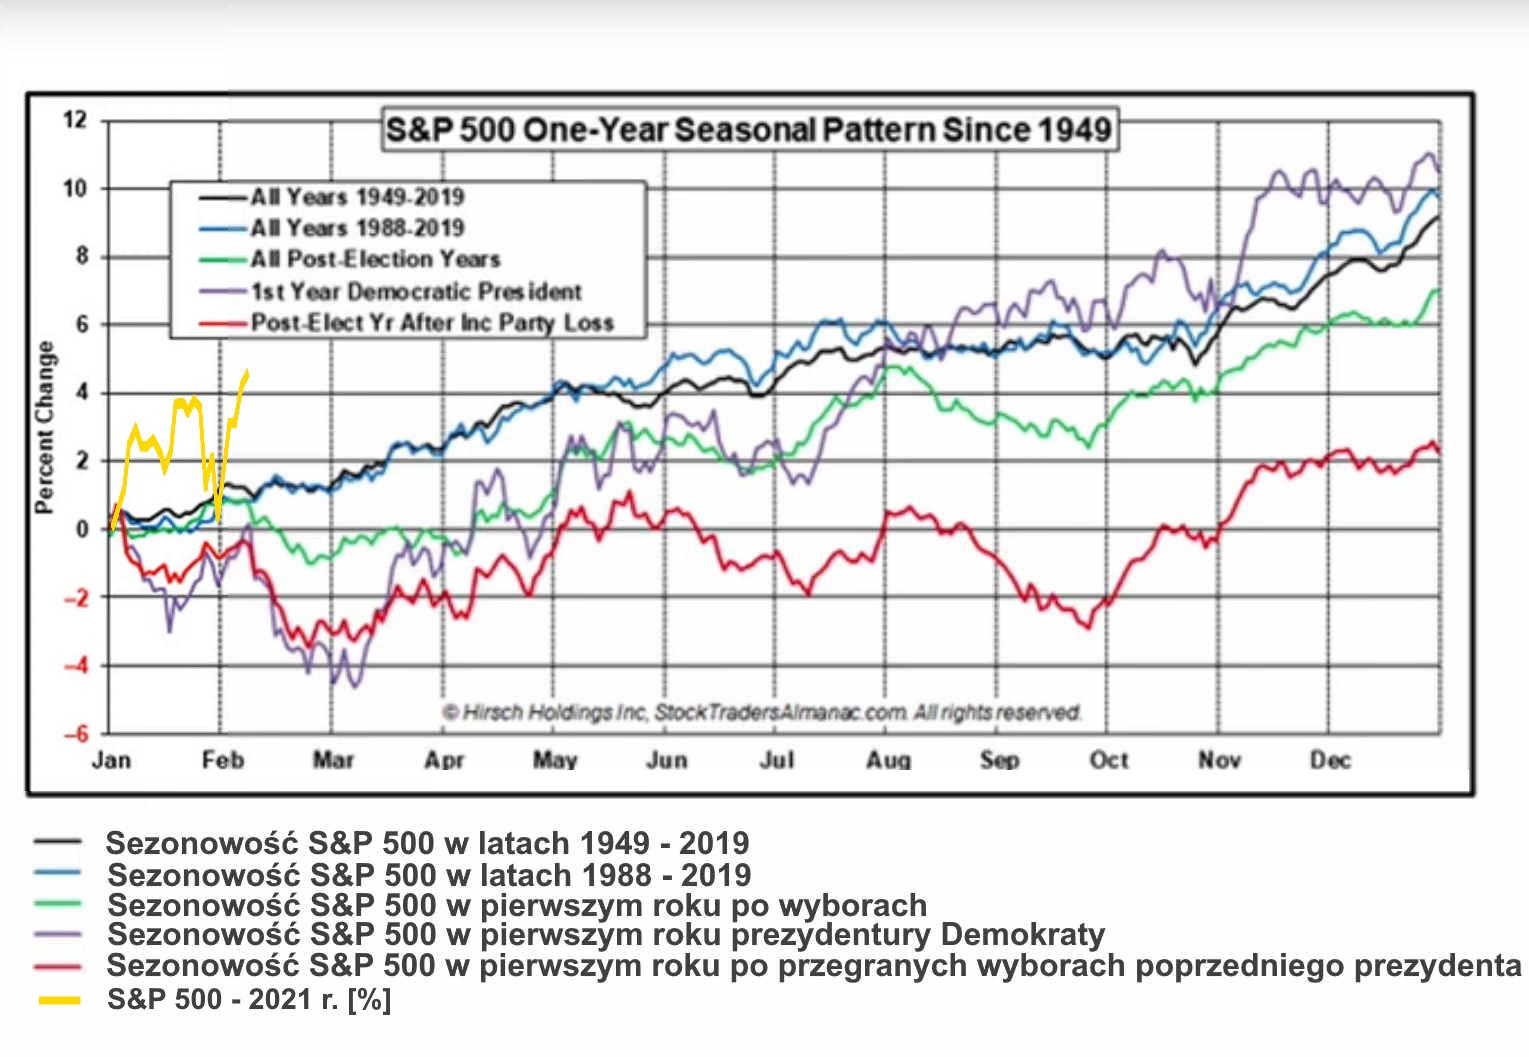 Wykres Cykl Prezydencki 1949 - 2019 aktualizacja 06 02 2021